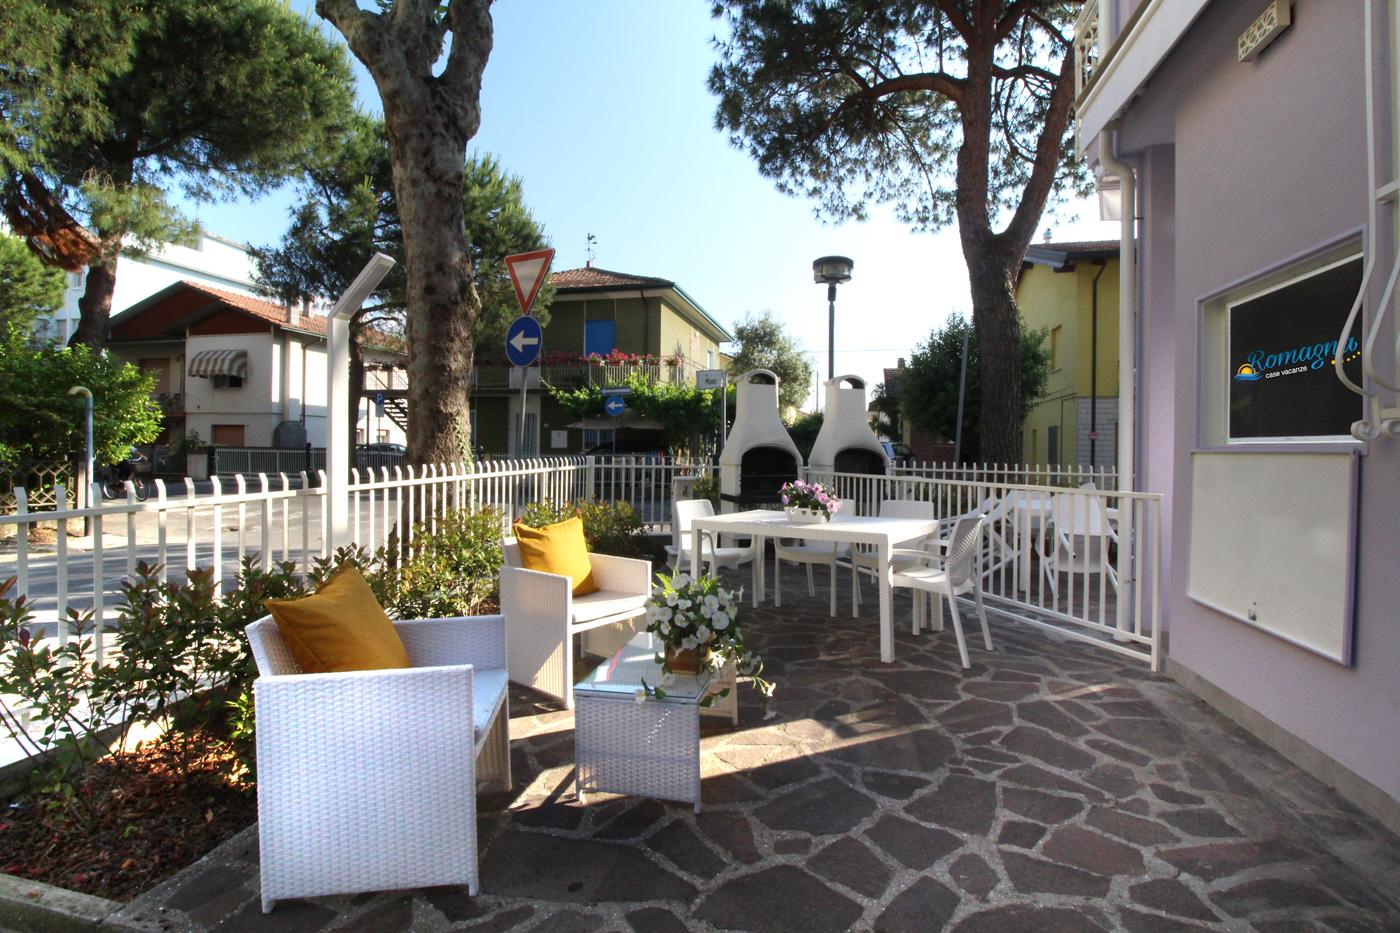 Appartamento thomas romagna case vacanze san mauro mare gatteo mare_8989_2